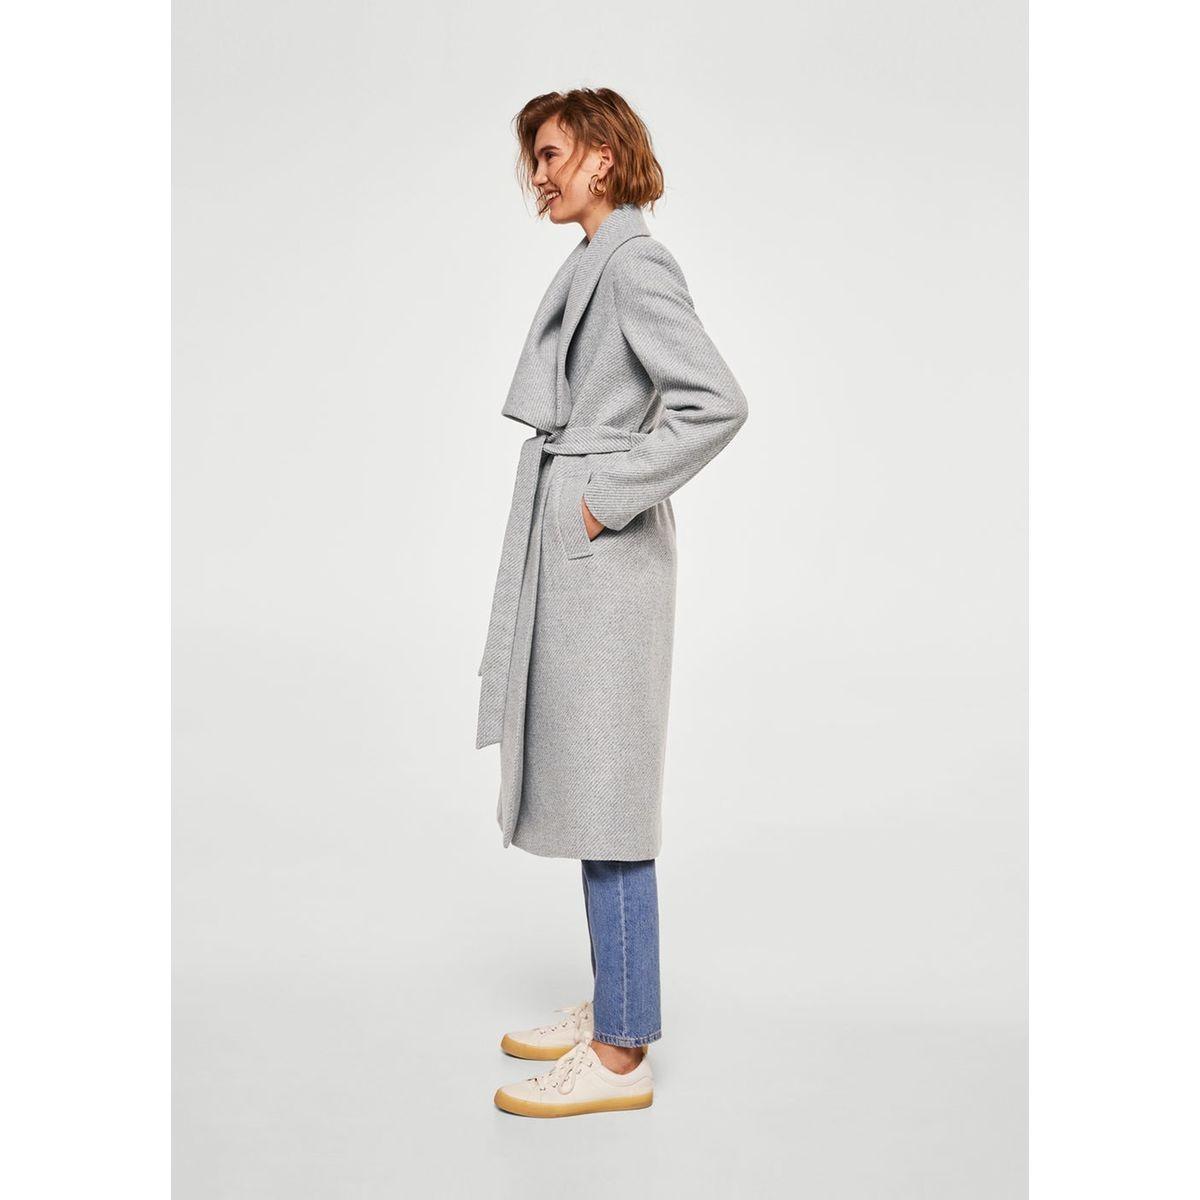 Manteau En Laine Avec Ceinture Taille 32 Products